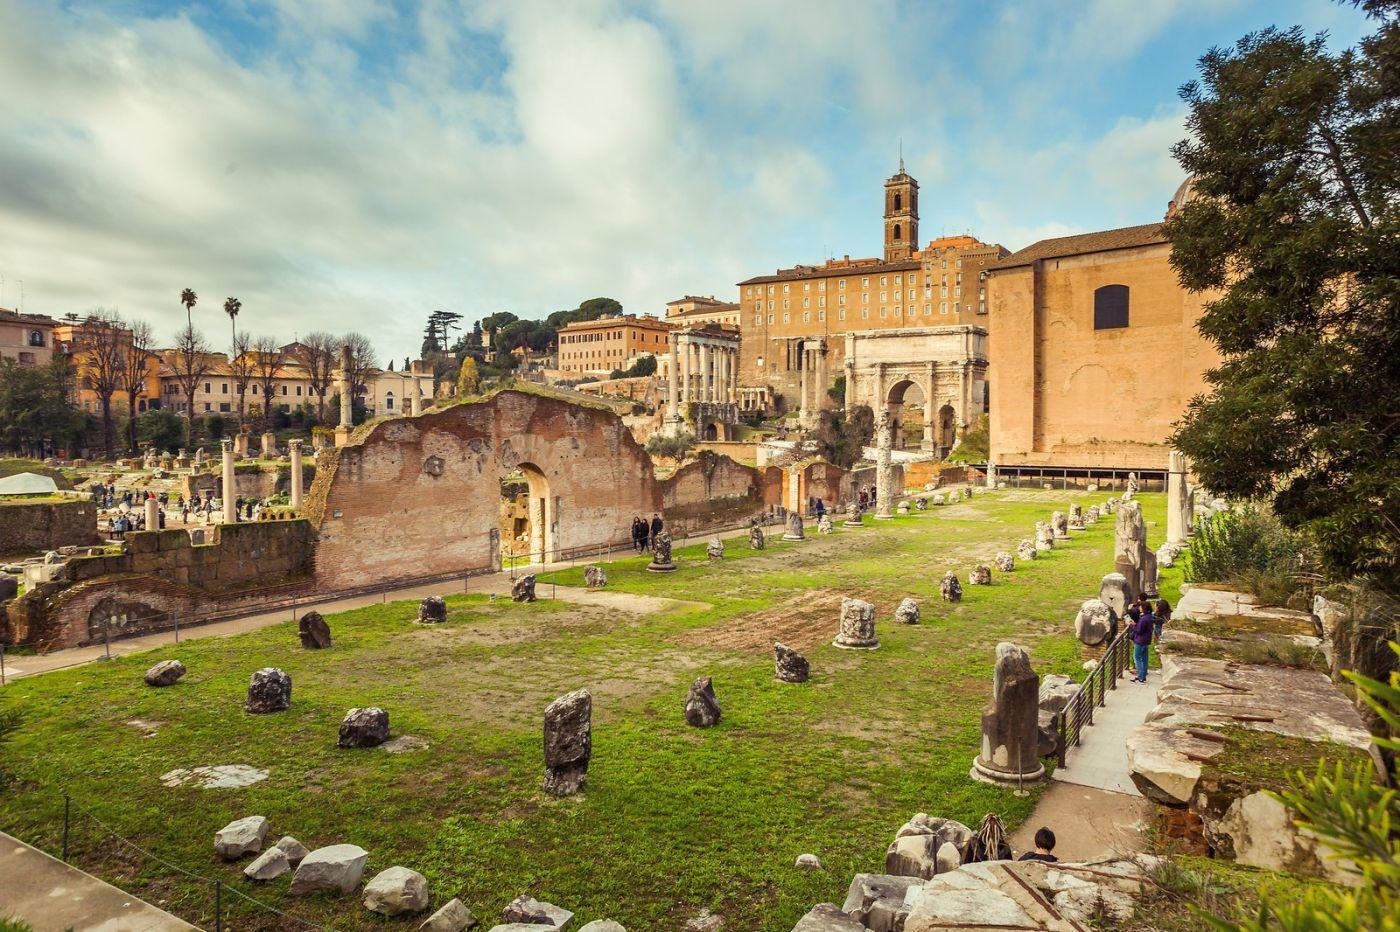 意大利罗马论坛,二千年的历史_图1-29